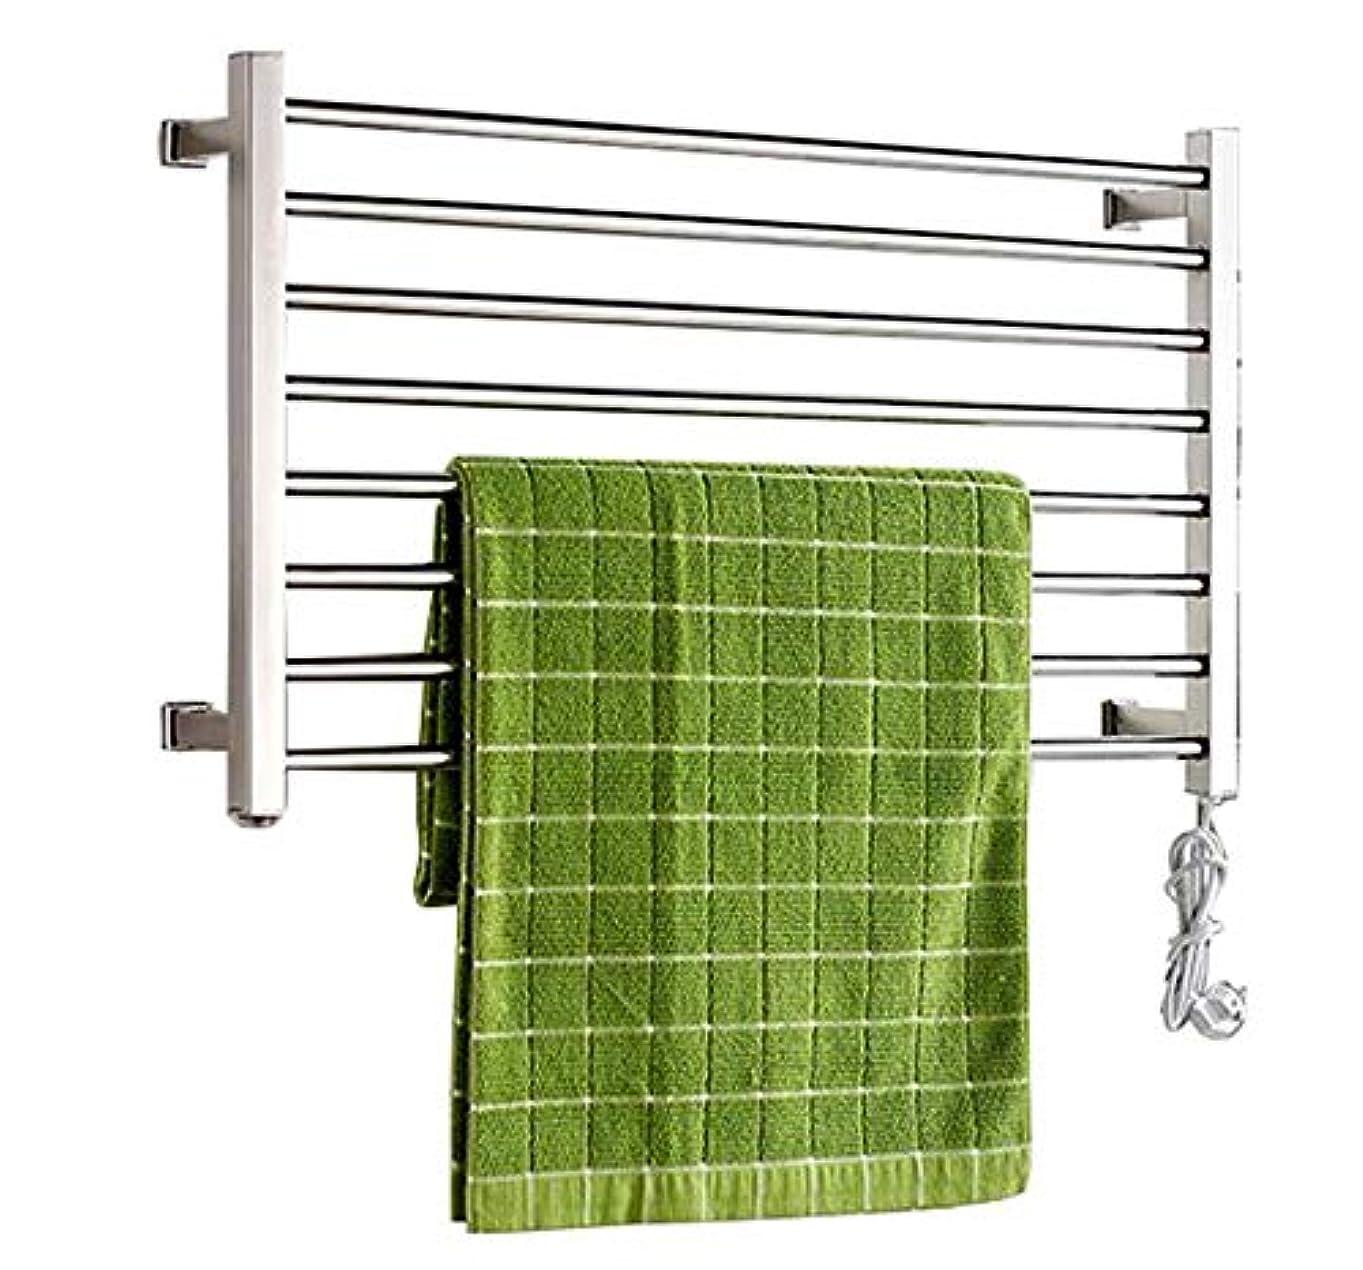 拒絶する適切に残忍な電気タオルウォーマー、304ステンレス鋼電気タオルラジエーター、浴室壁掛け式乾燥ラック、恒温乾燥、防水および防錆、530x900x125mm